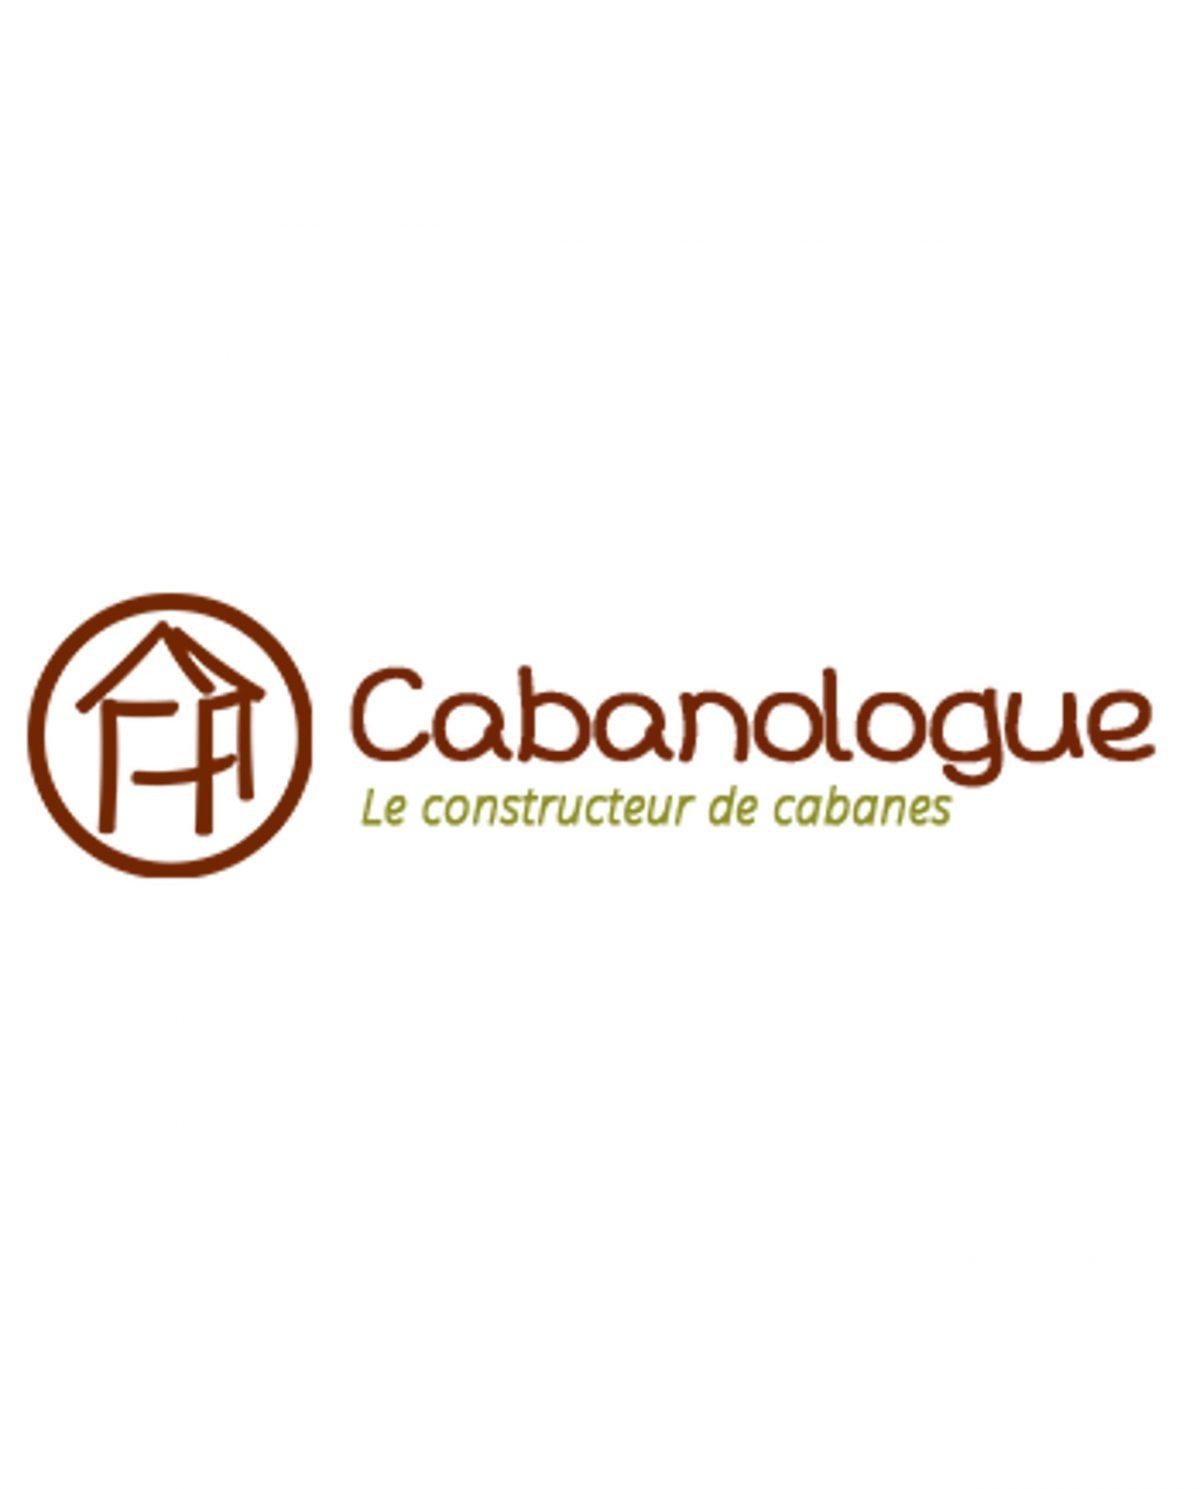 Cabanologue – Cabanes et Hébergements insolites